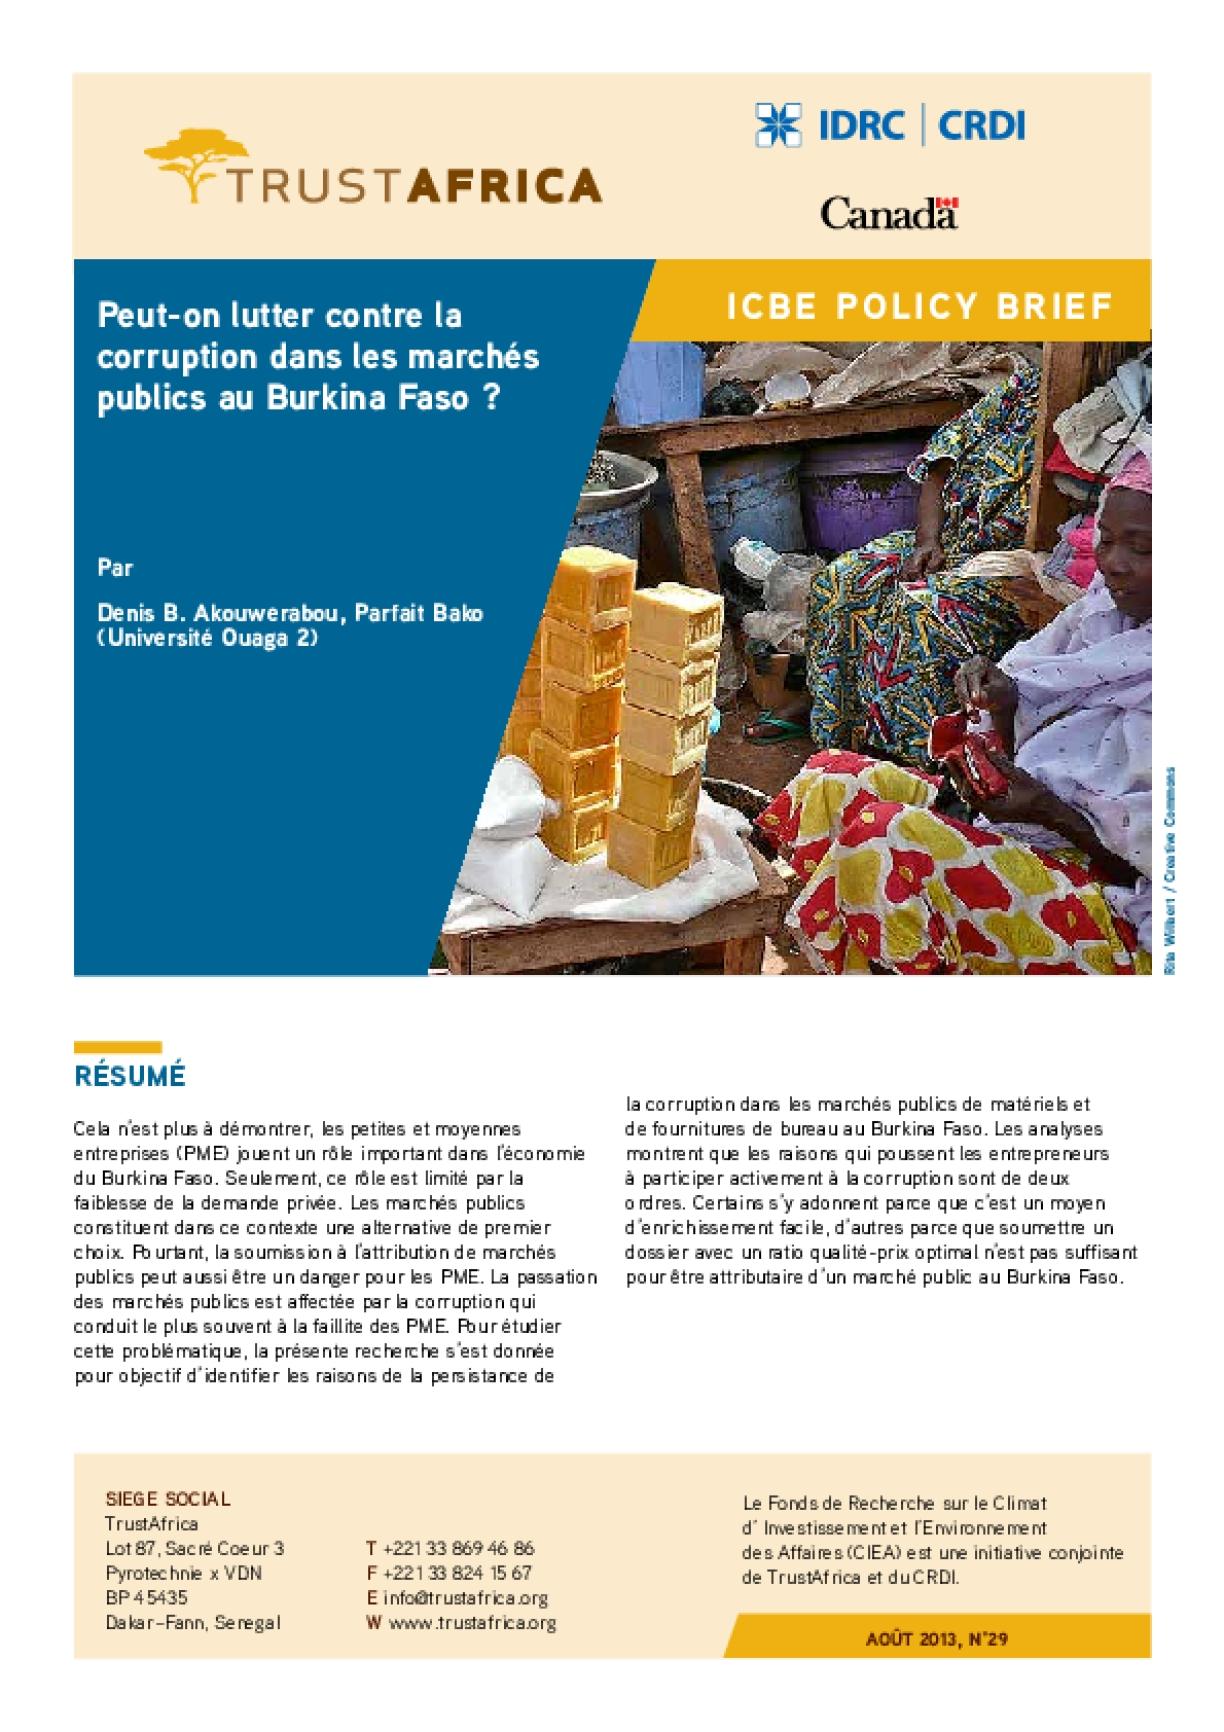 Peut-on Lutter Contre La Corruption Dans Les Marchés Publics Au Burkina Faso?